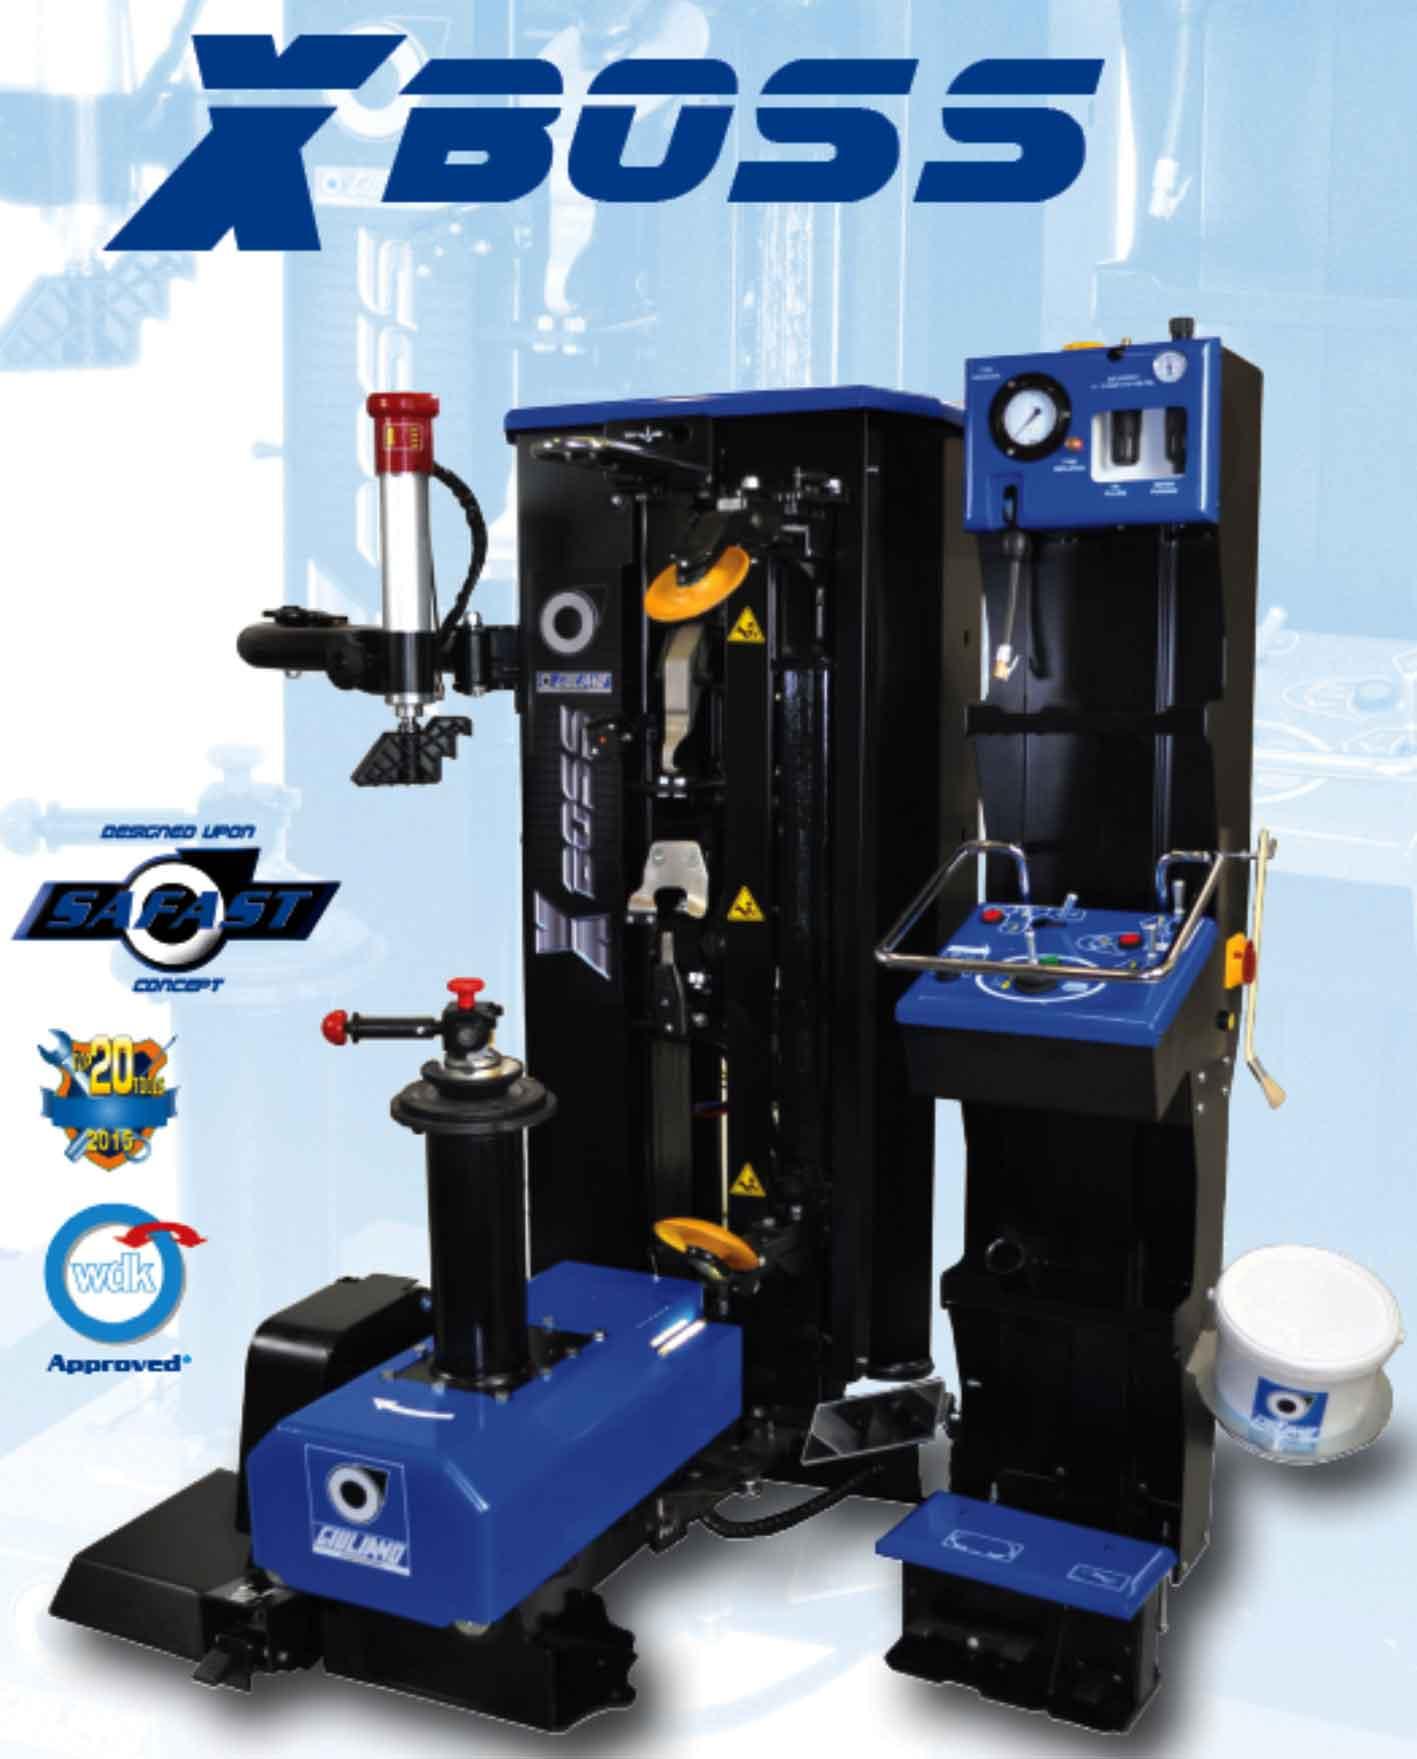 máy ra vào lốp tự động italy, máy tháo vỏ tự động italy, máy ra vỏ tự động X-BOSS, Máy làm lốp tự động Italy